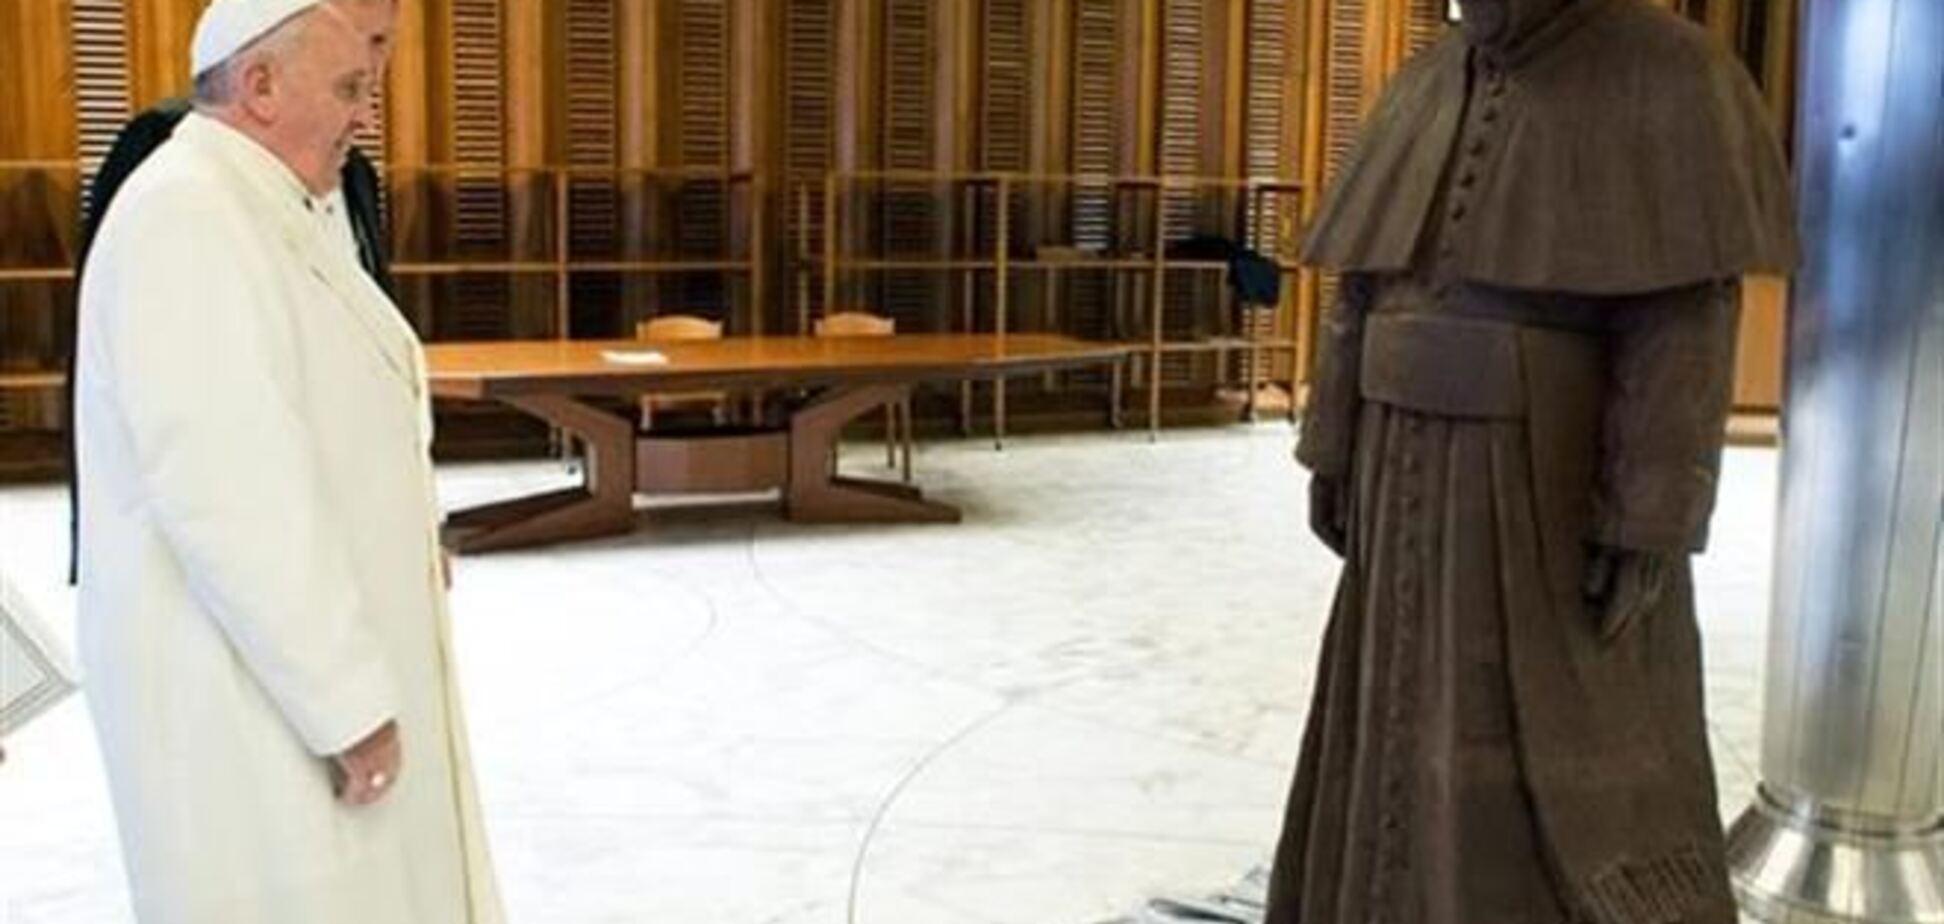 У Ватикані з'явився шоколадний двійник папи Римського